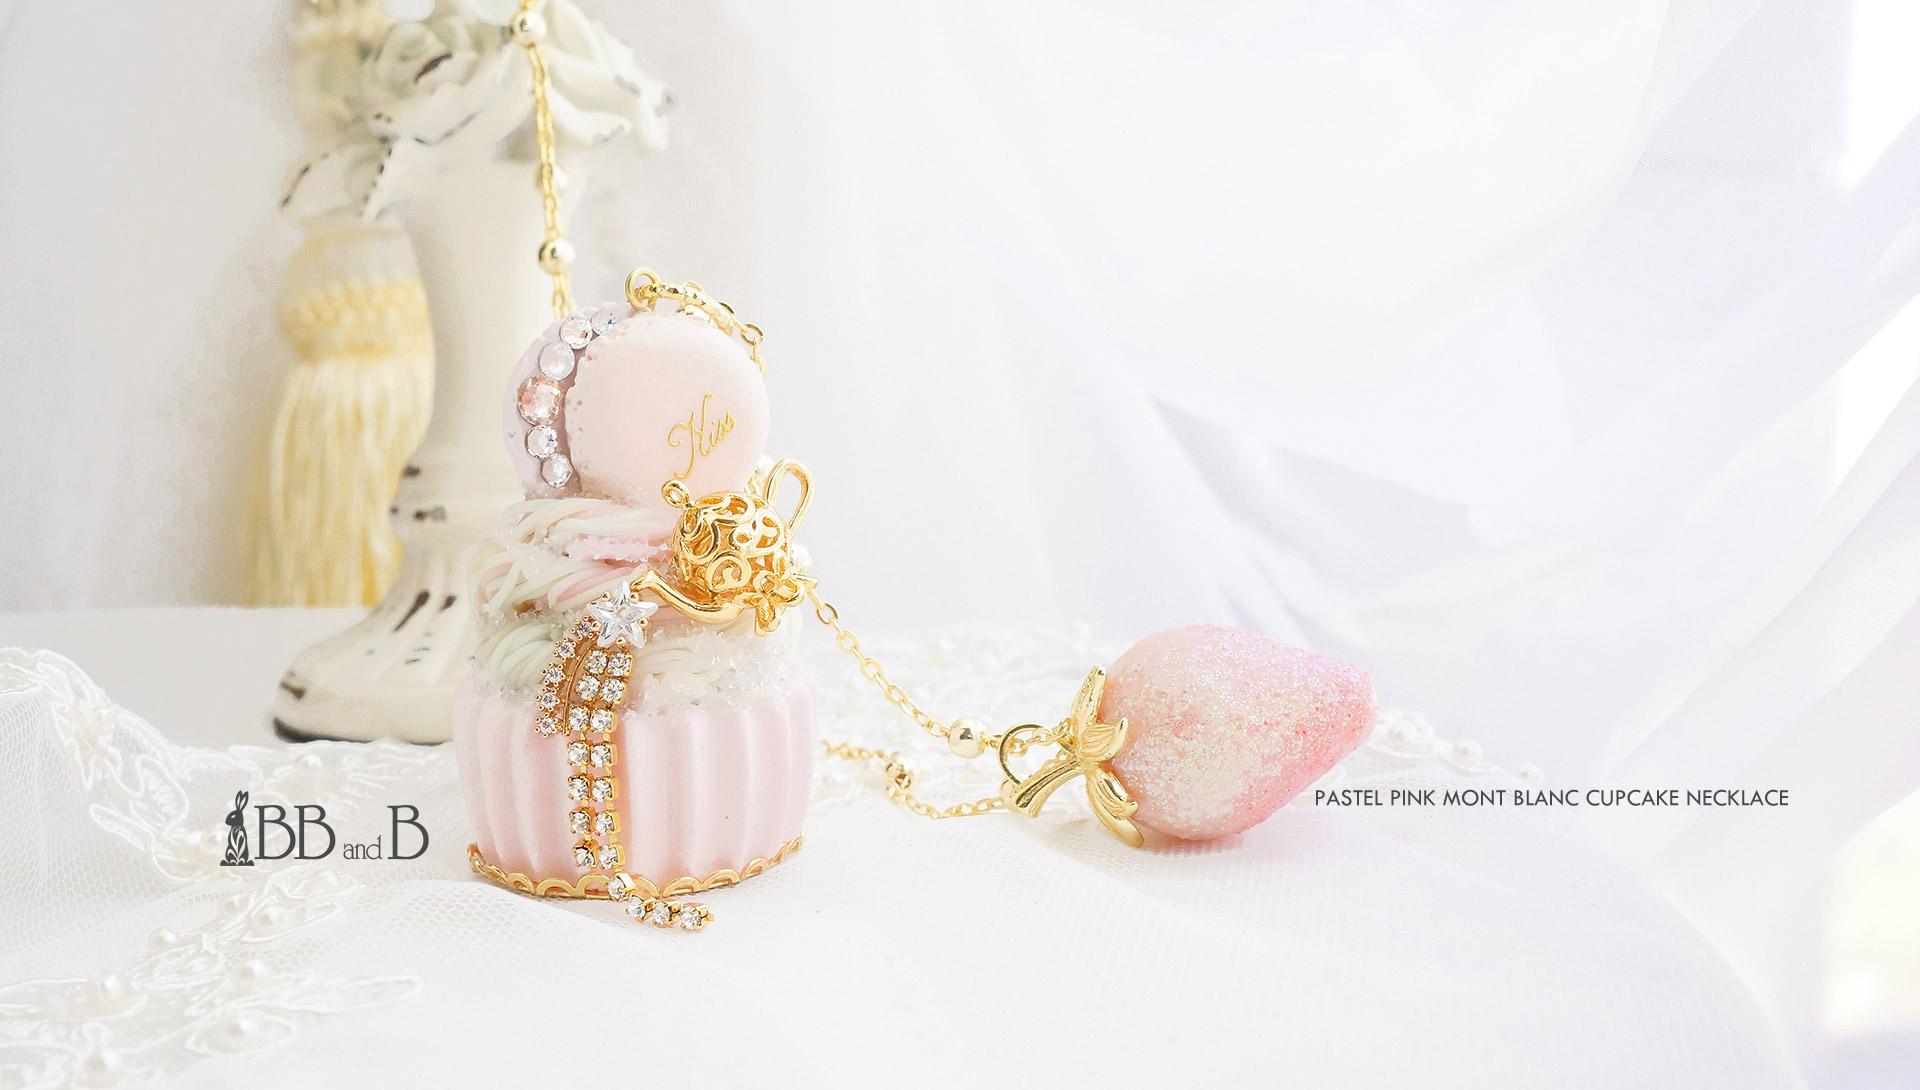 Pastel Pink Mont Blanc Cupcake Necklace